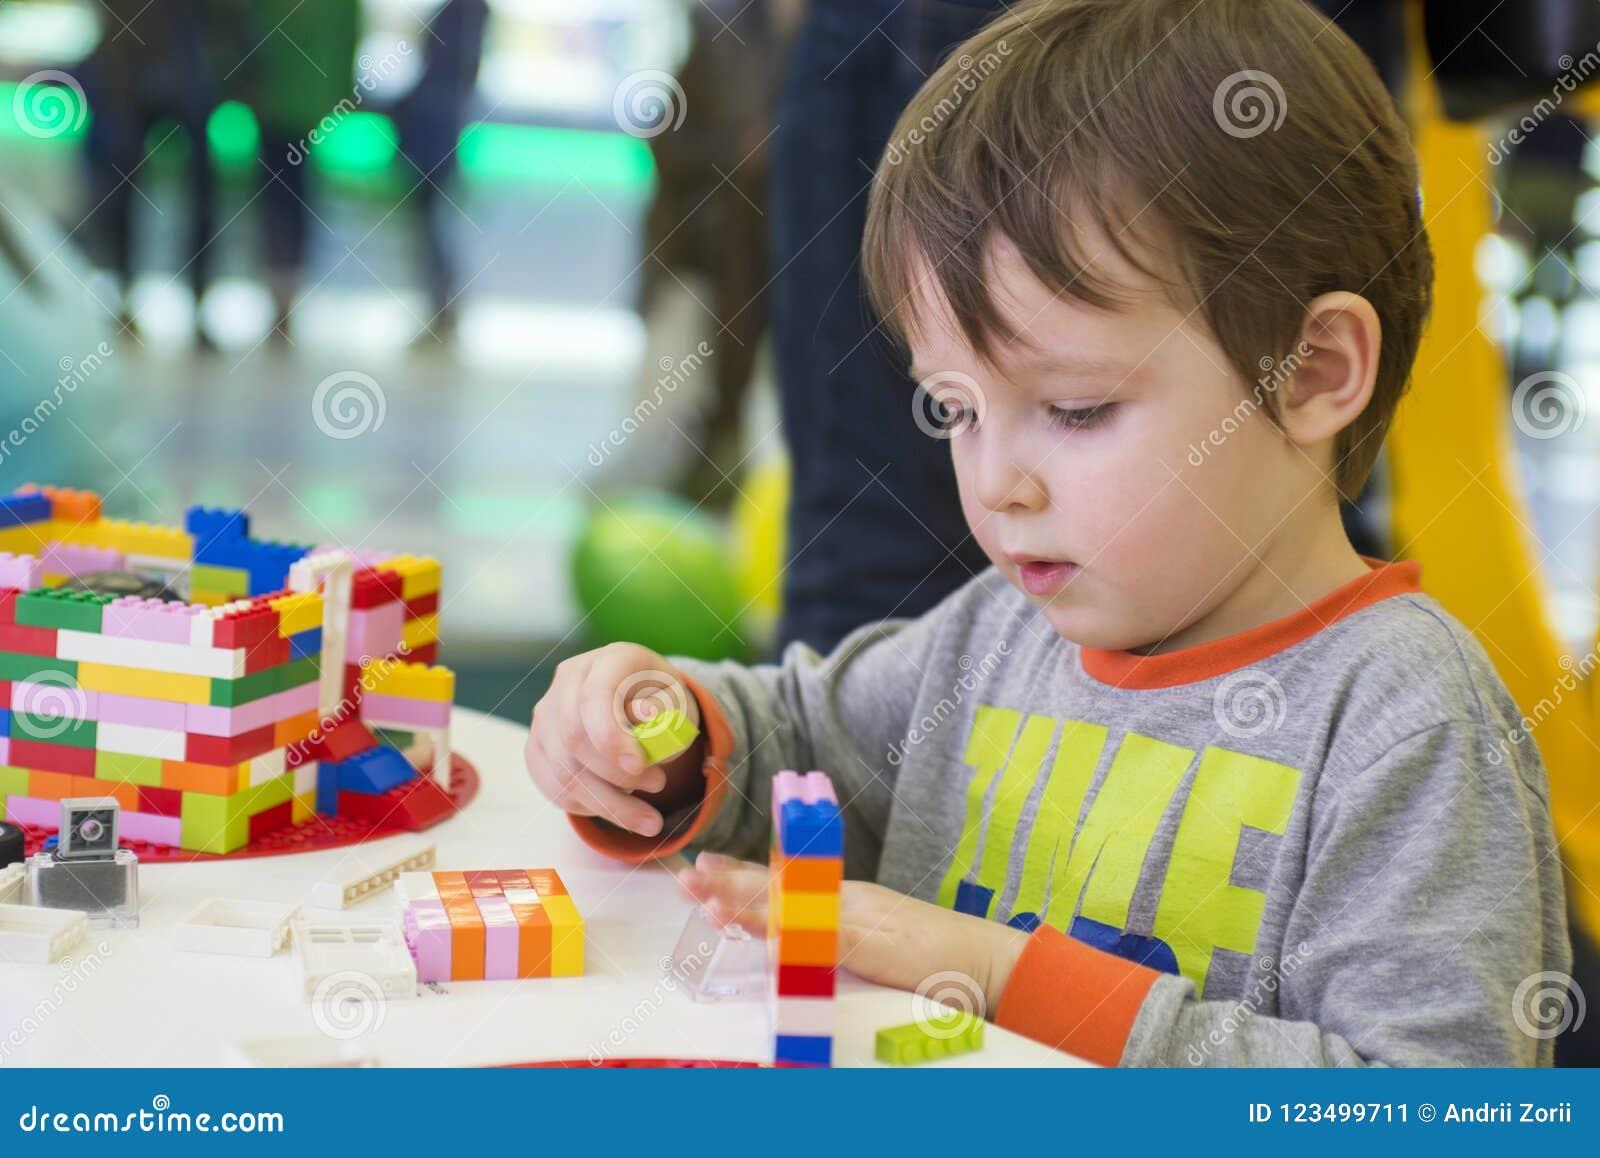 Das Kind montiert den Entwerfer Kindertätigkeit im Kindergarten oder zu Hause